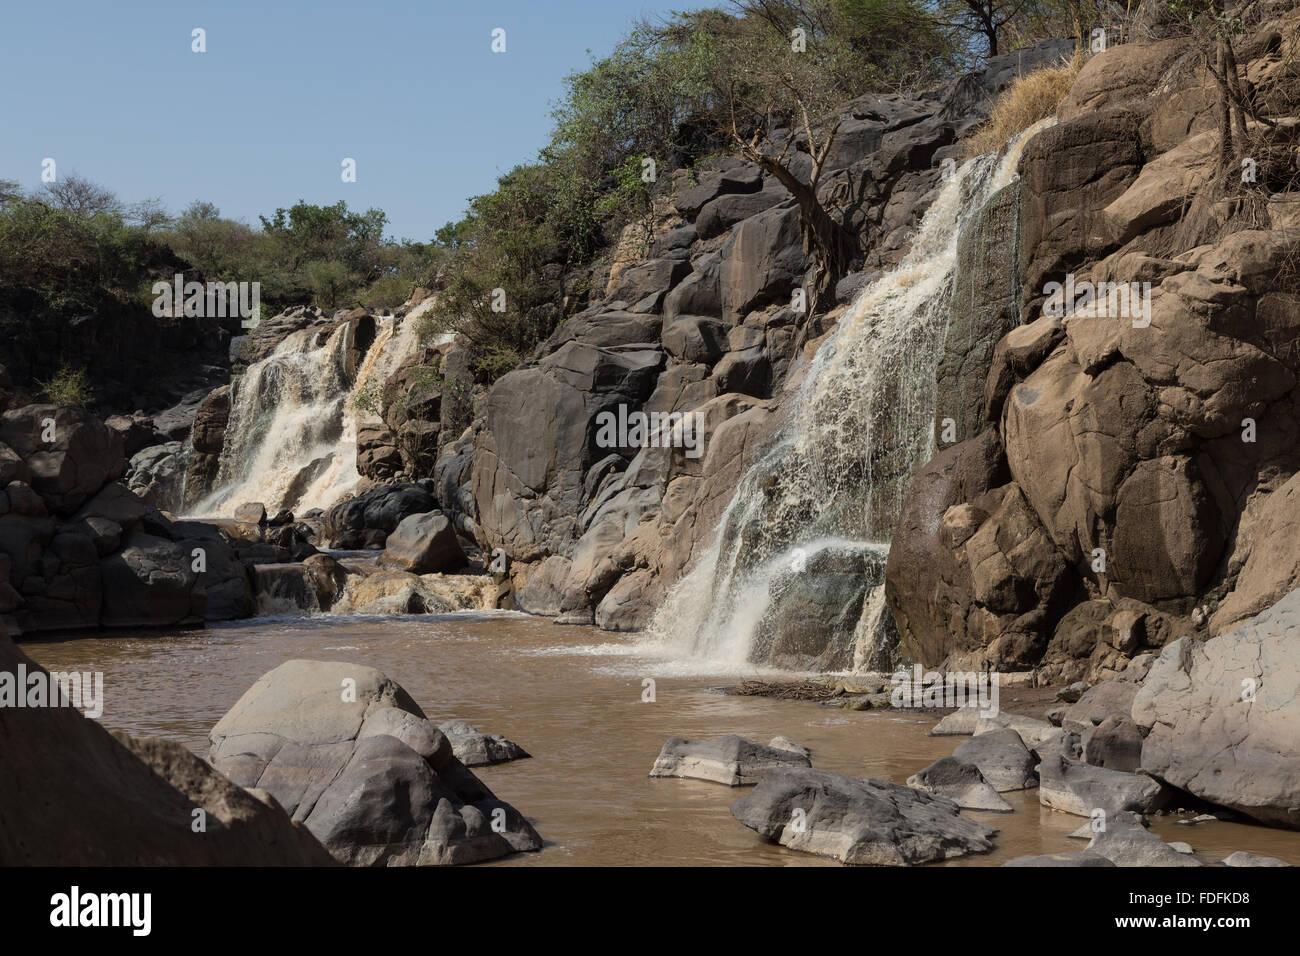 Ein Wasserfall in einer felsigen Schlucht in den Awash Nationalpark, Äthiopien Stockfoto